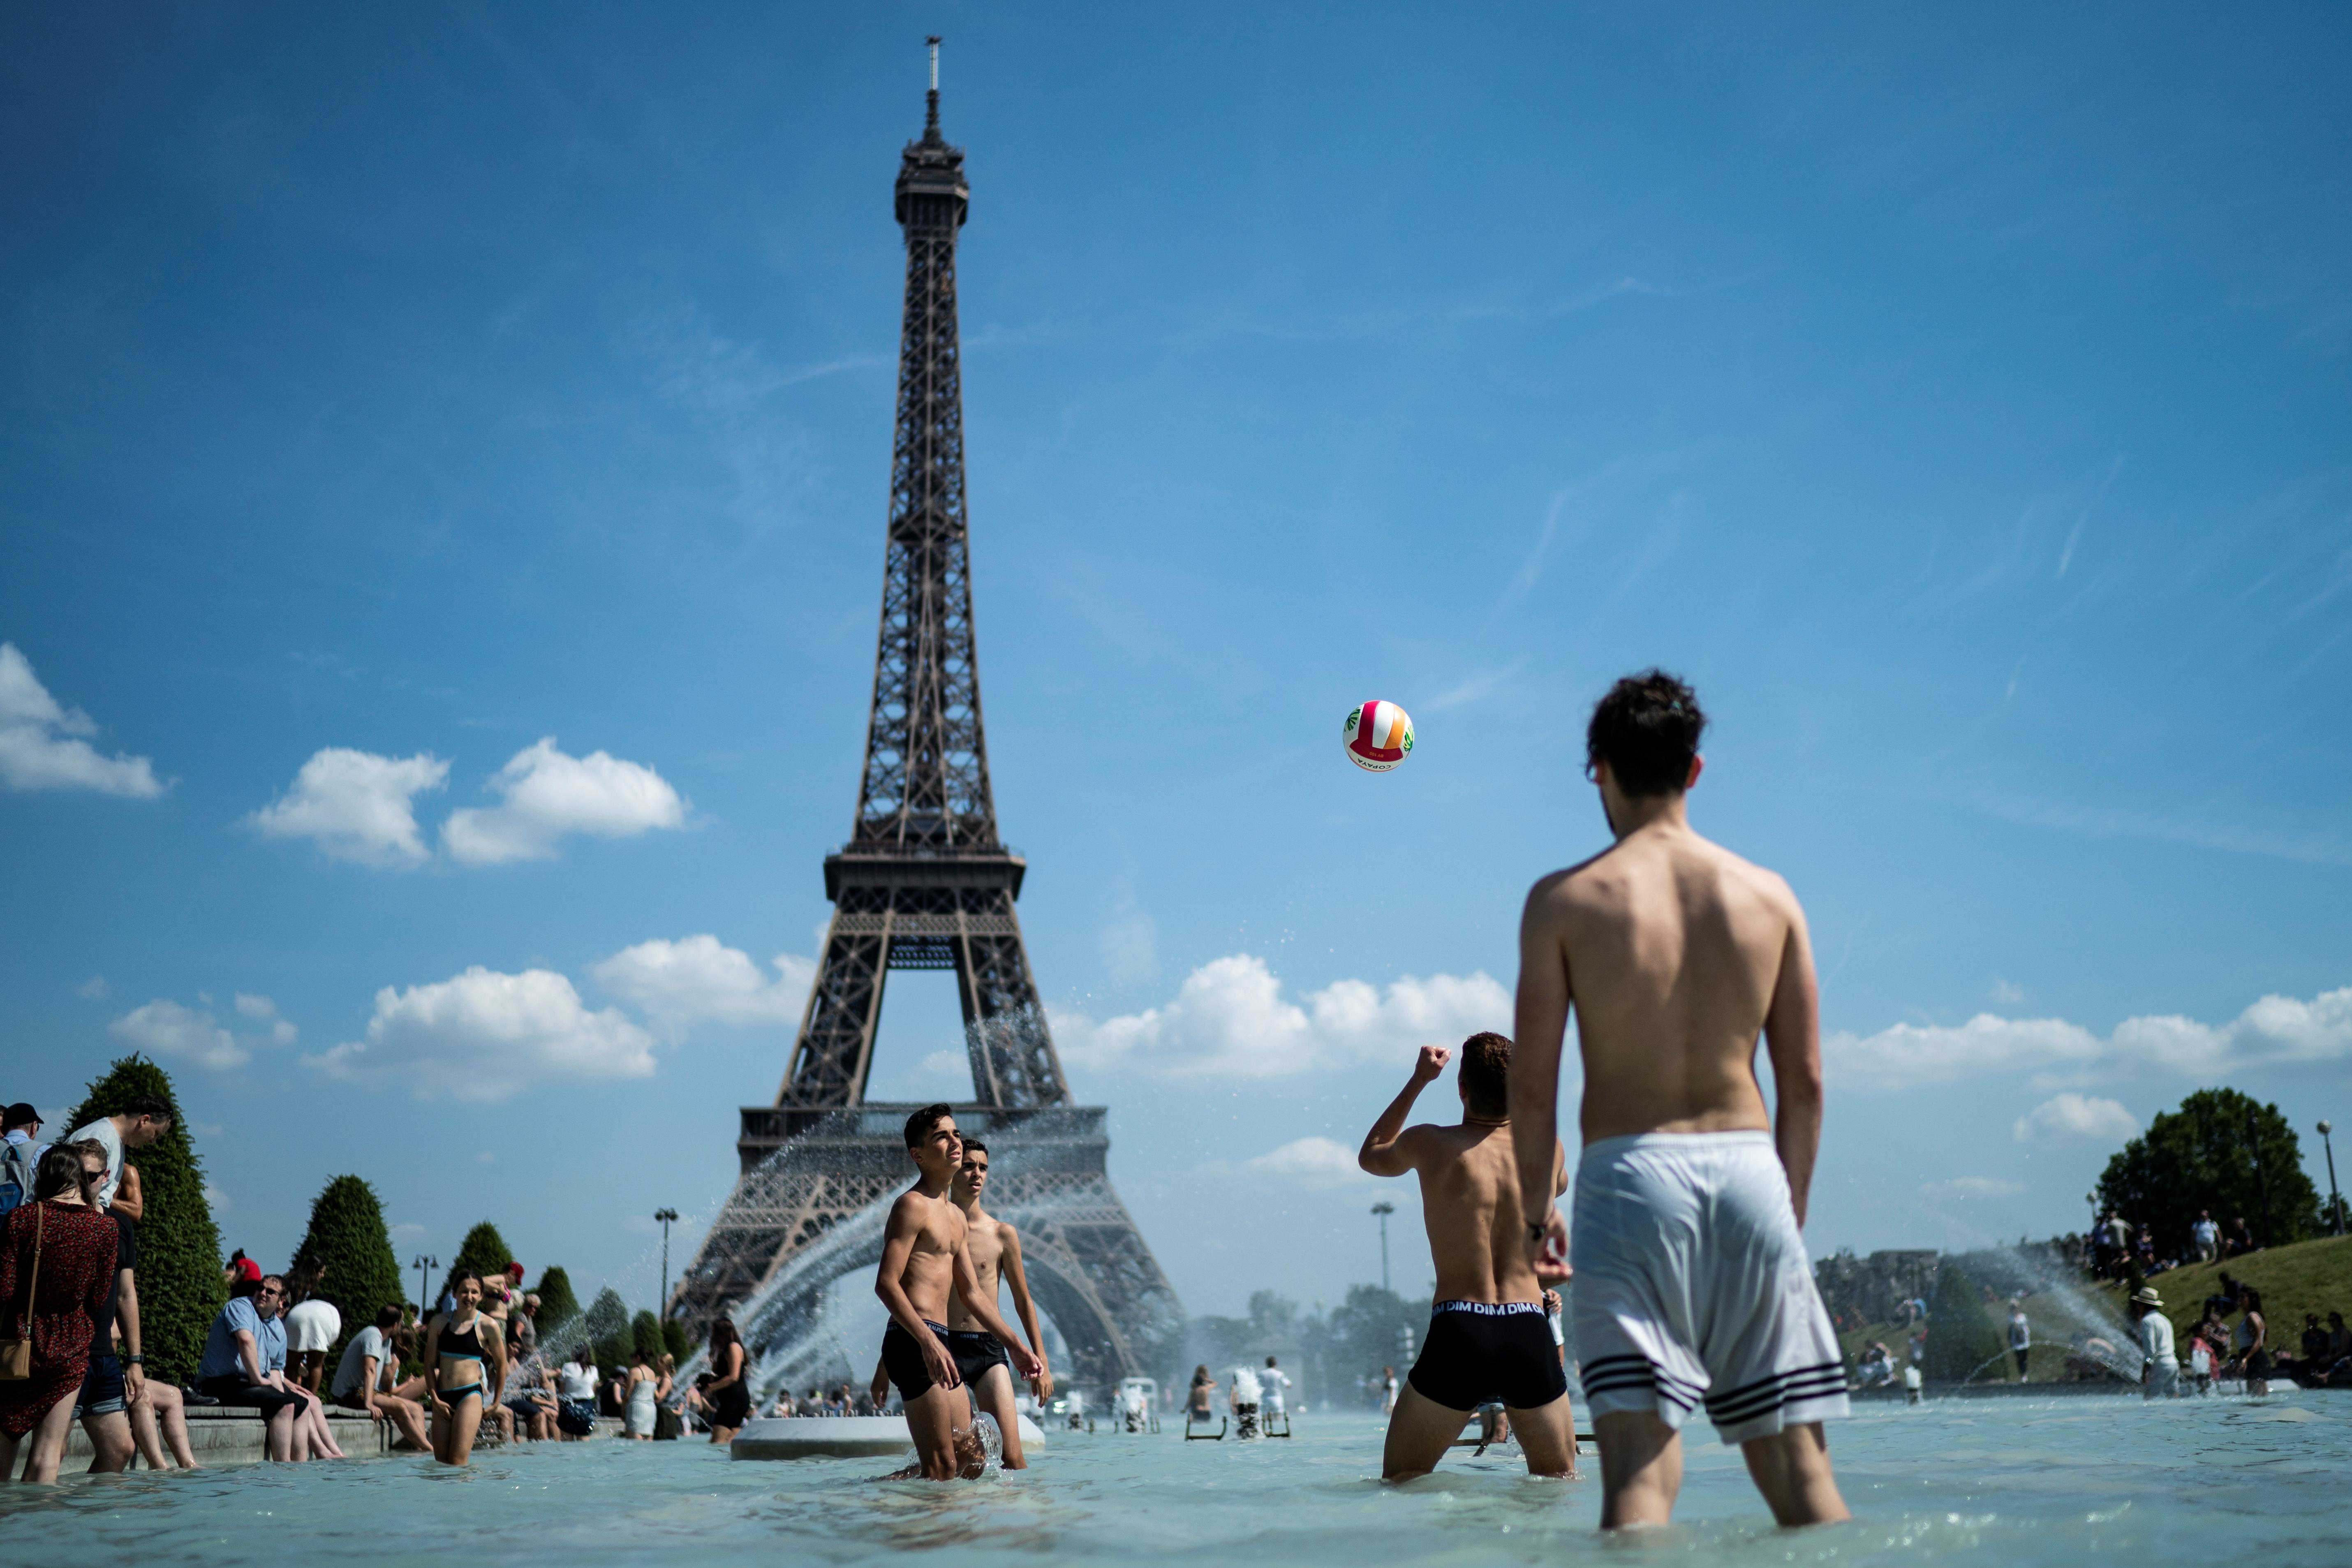 La gente juega vóley en los Jardines de Trocadero, en París (Kenzo Tribouillard/ AFP)